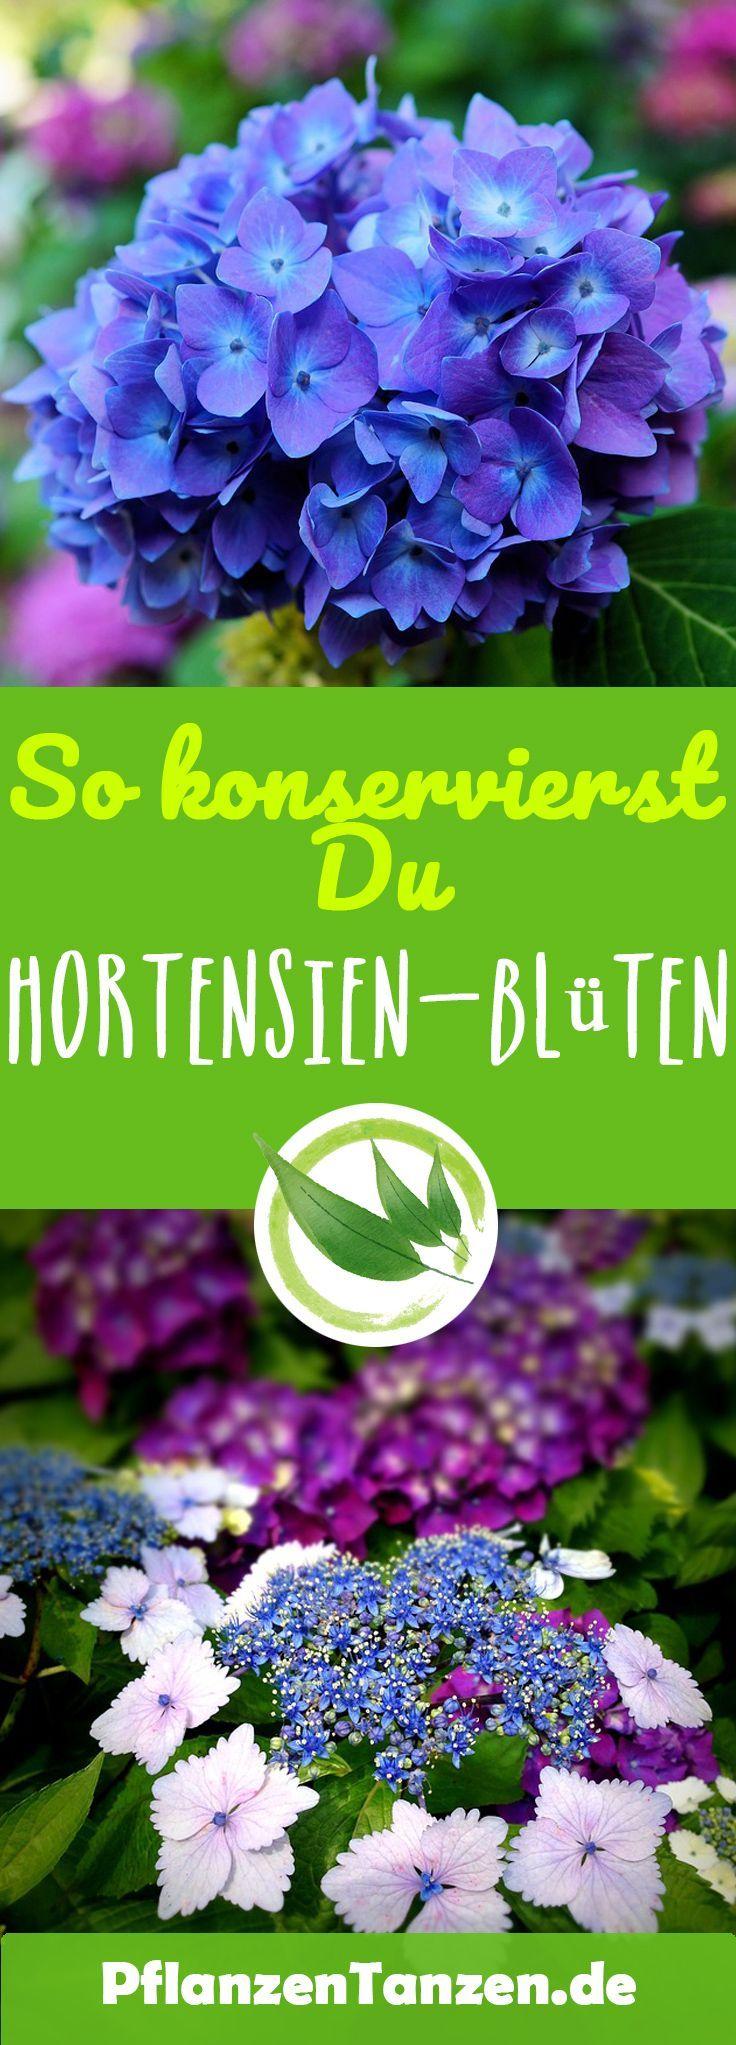 Hortensien – Barocker Blütenzauber für moderne Gärten